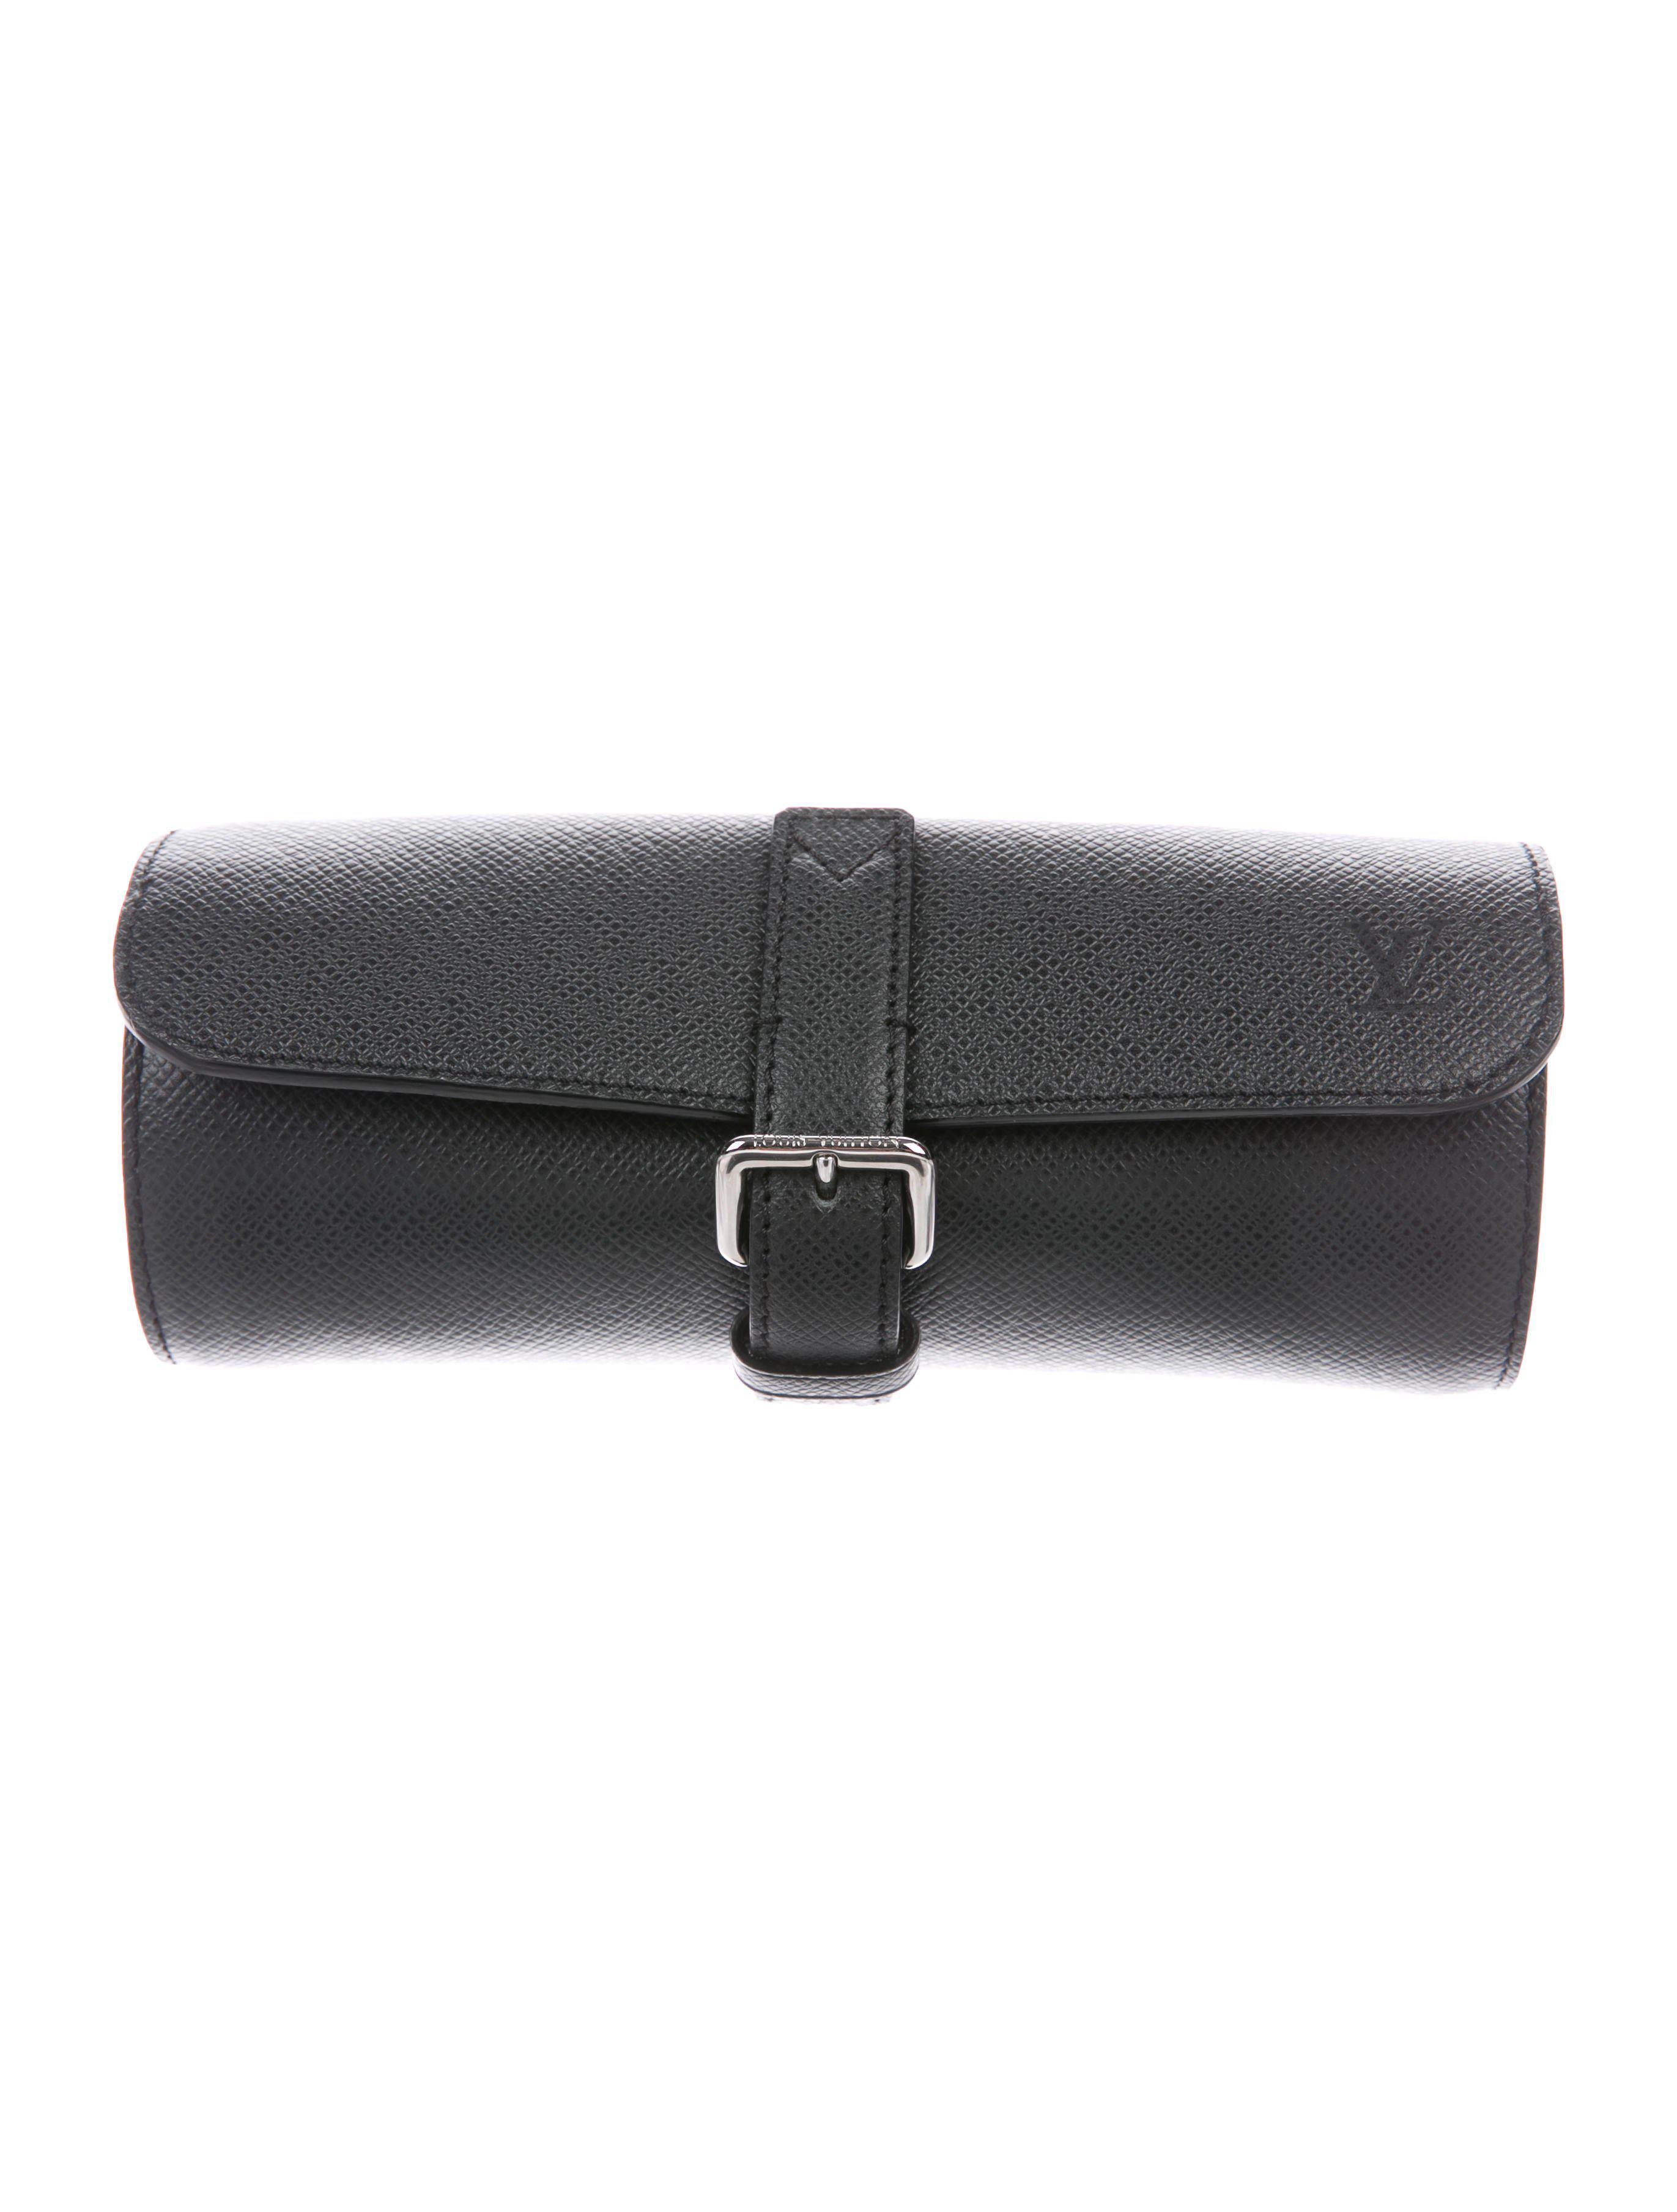 9498ca281ae6 Lyst - Louis Vuitton Taiga 3 Watch Case W  Tags Black in Metallic ...